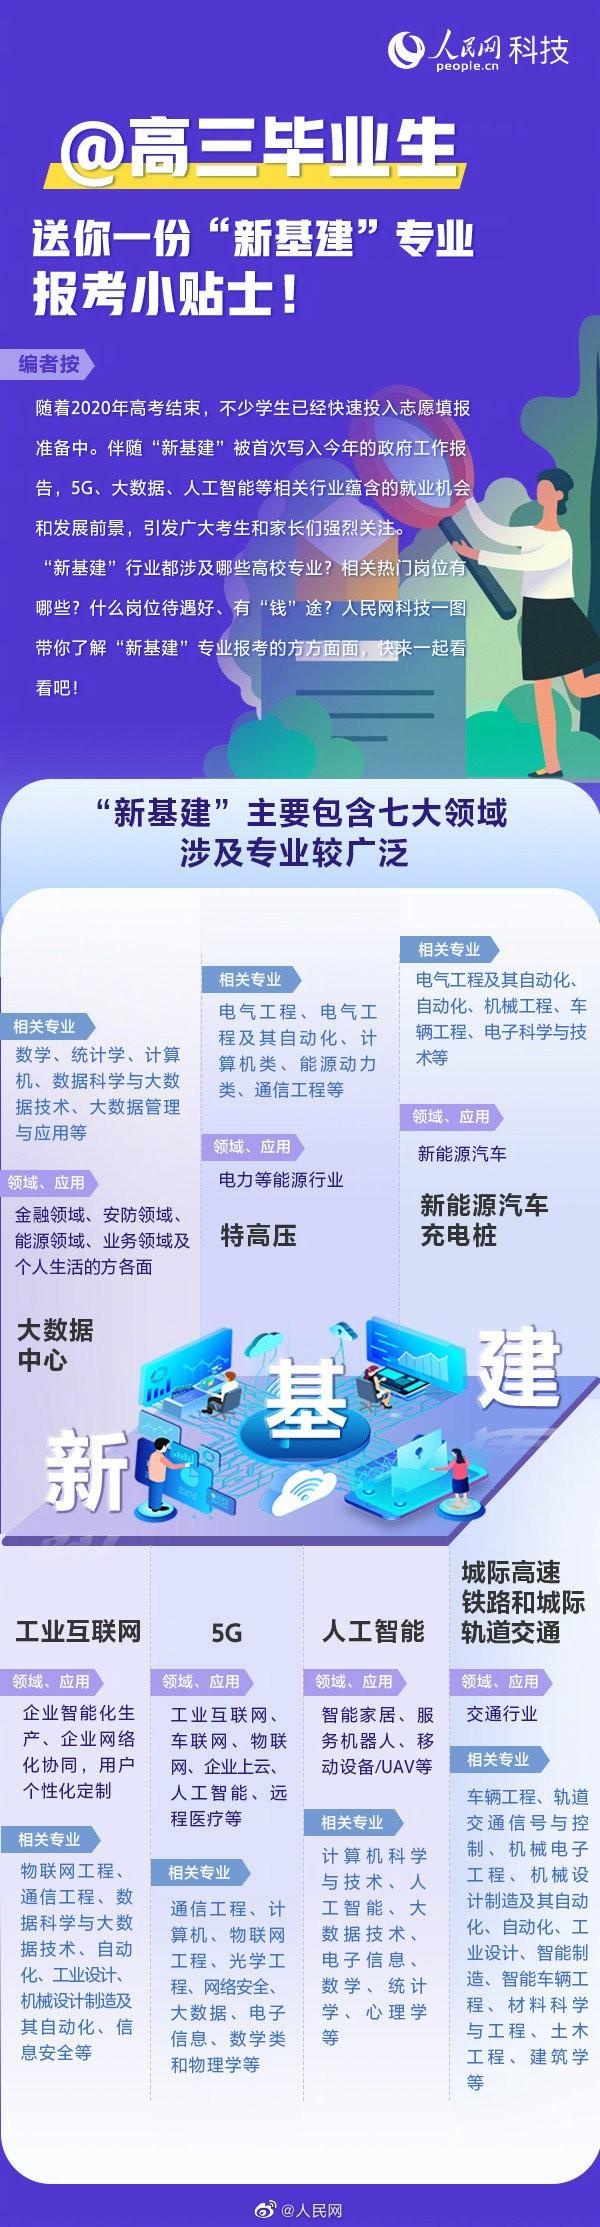 微信图片_20200710171802.jpg